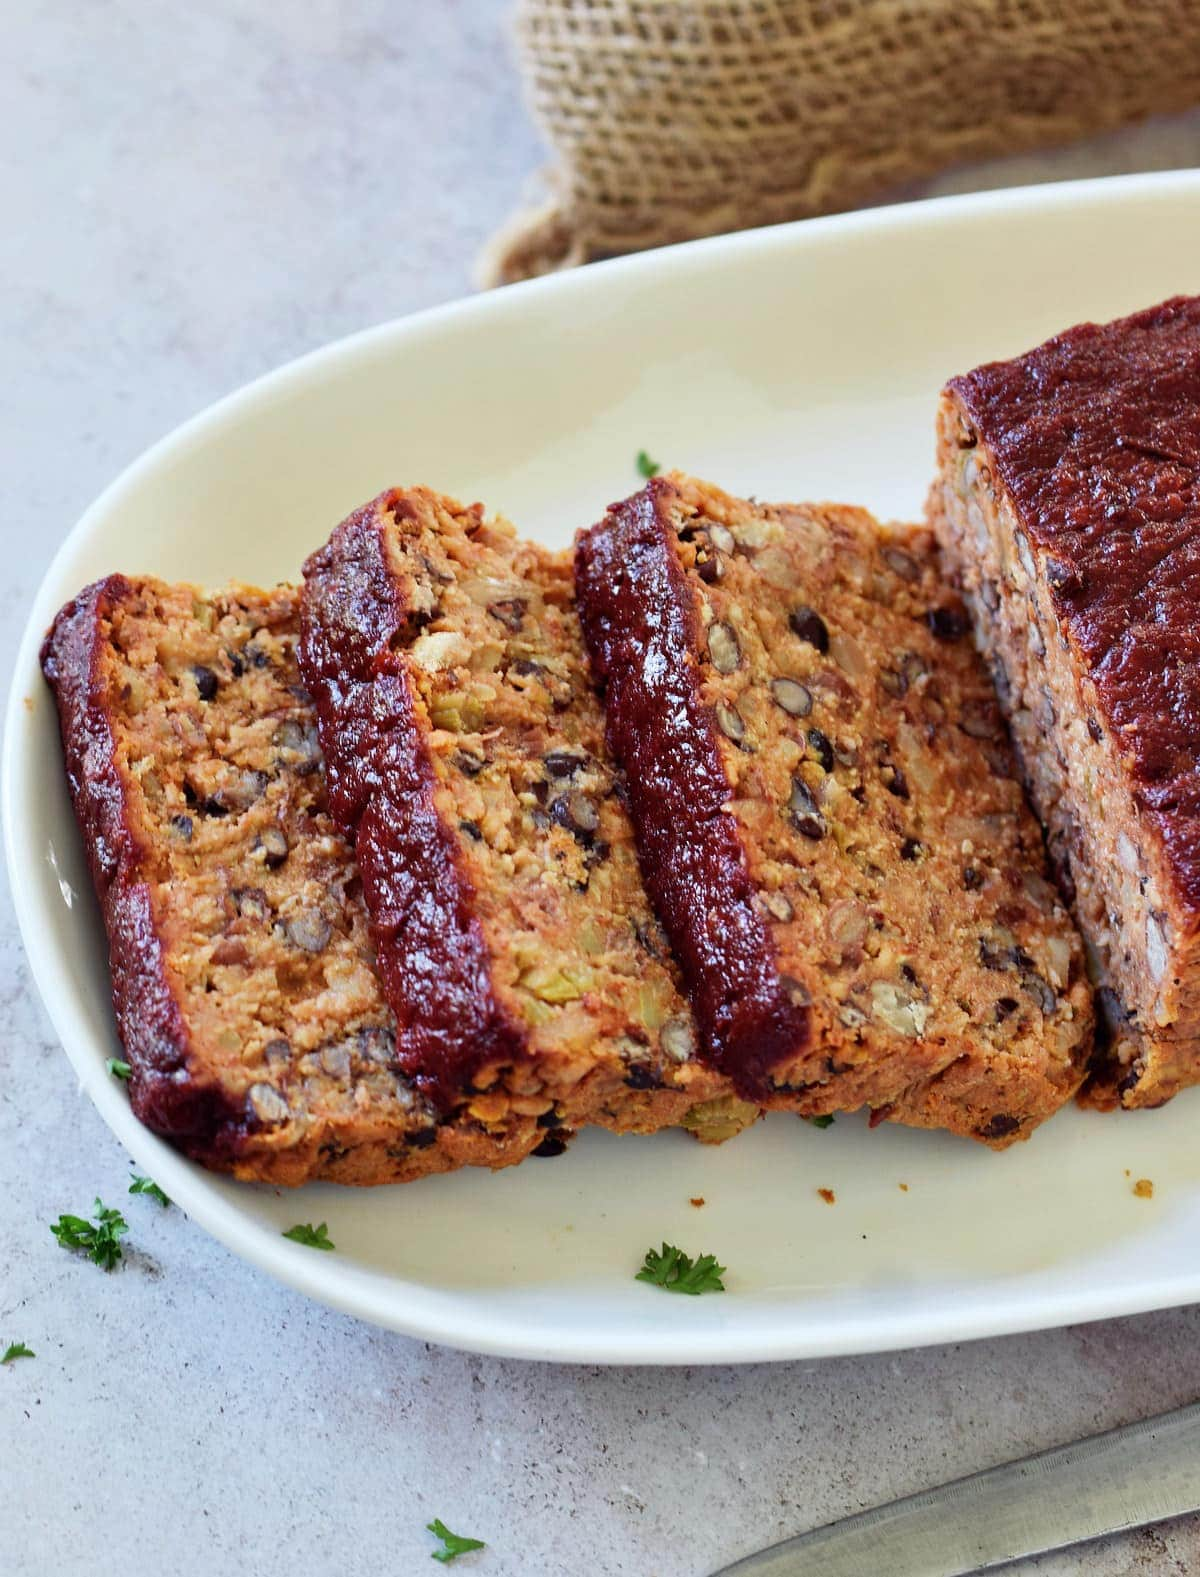 sliced vegetarian meatloaf on plate